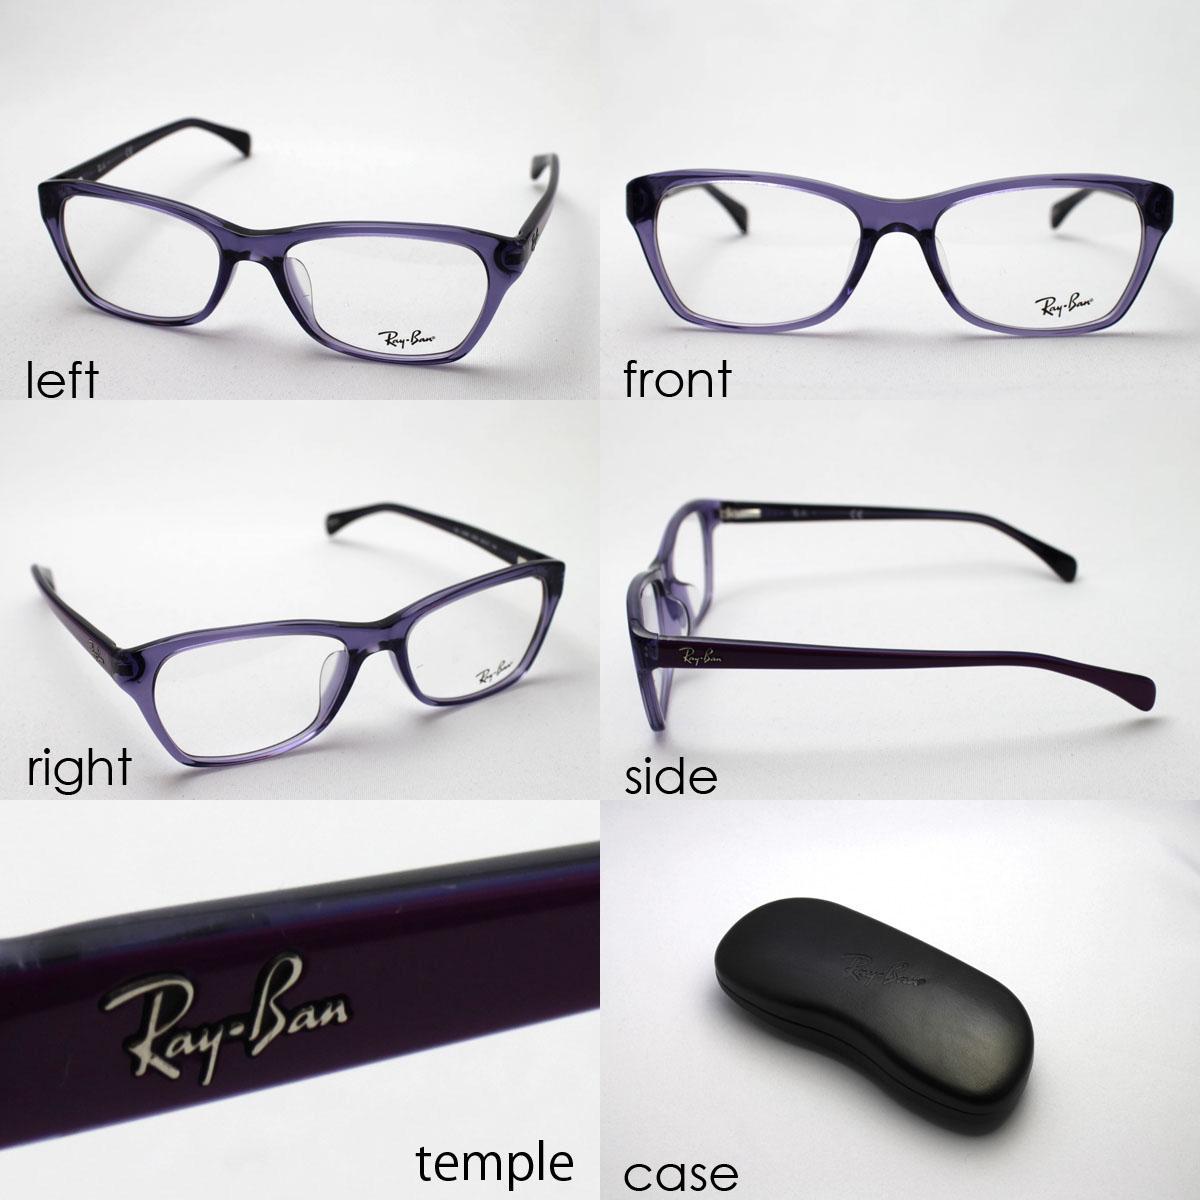 明日の朝9時59分終了 ほぼ全品20~25%ポイントバック 正規レイバン日本最大級の品揃え  レイバン メガネ フレーム Ray-Ban RX5298F 5230 伊達メガネ 度付き ブルーライト ブルーライトカット 眼鏡 RayBan ウェリントン